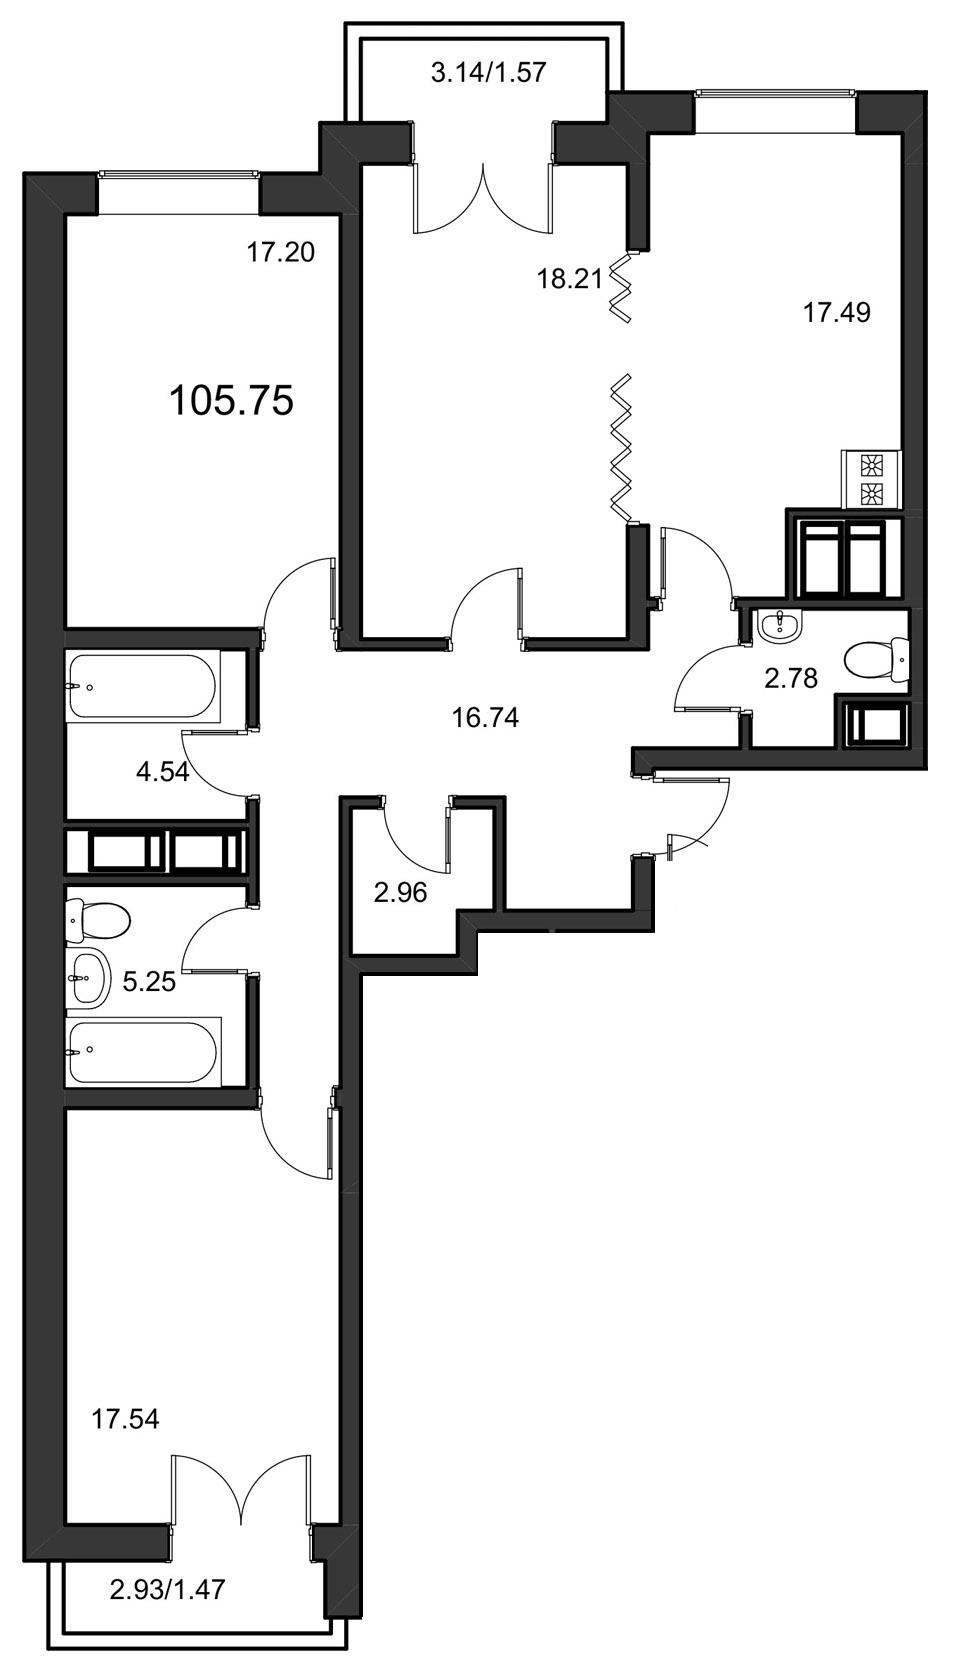 Планировка Трёхкомнатная квартира площадью 105.75 кв.м в ЖК «Leningrad»